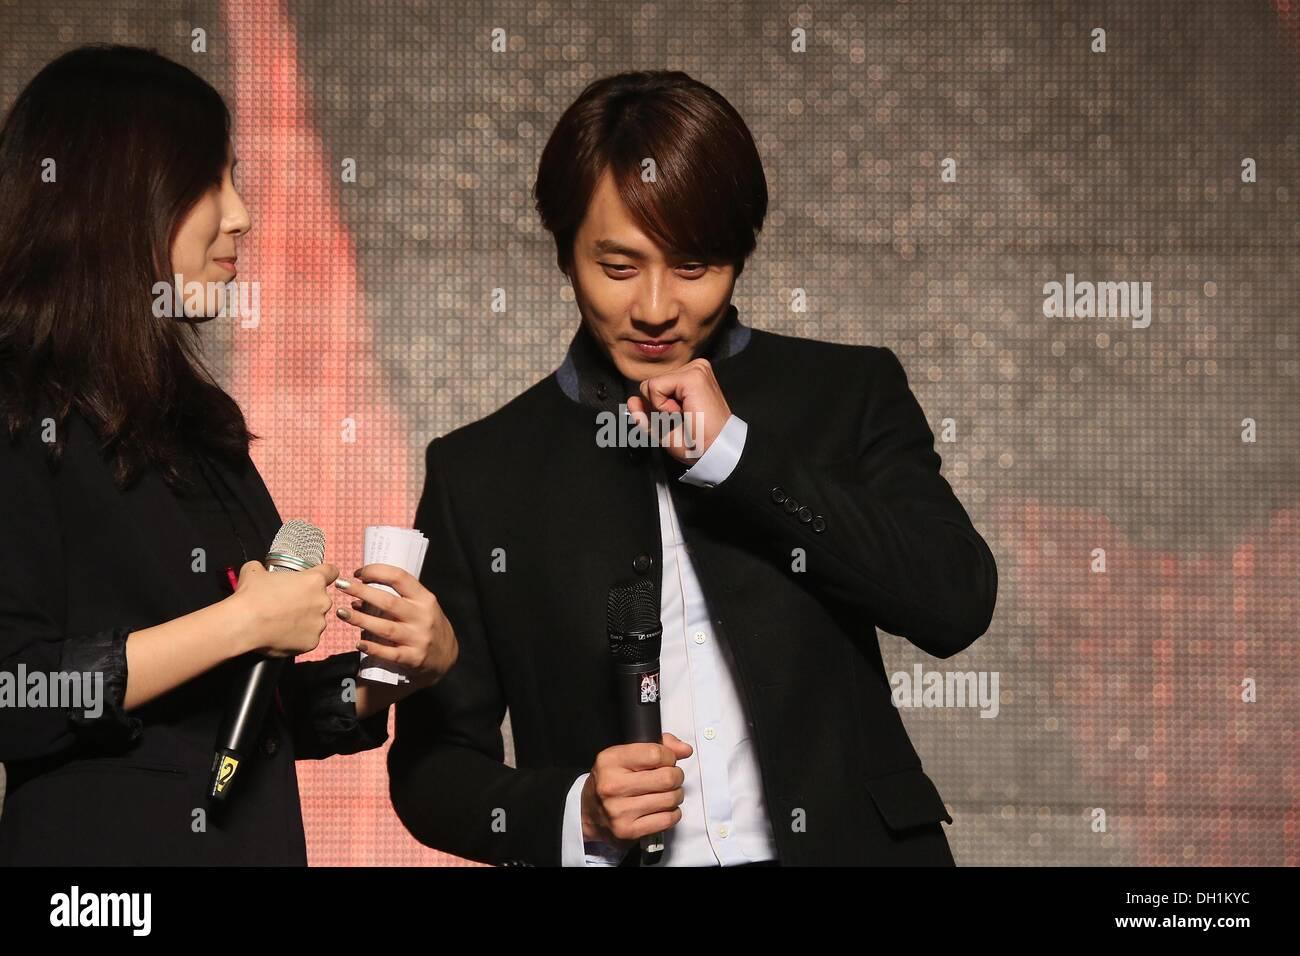 27th Oct 2013 Korean Star Andy Lee Member Of